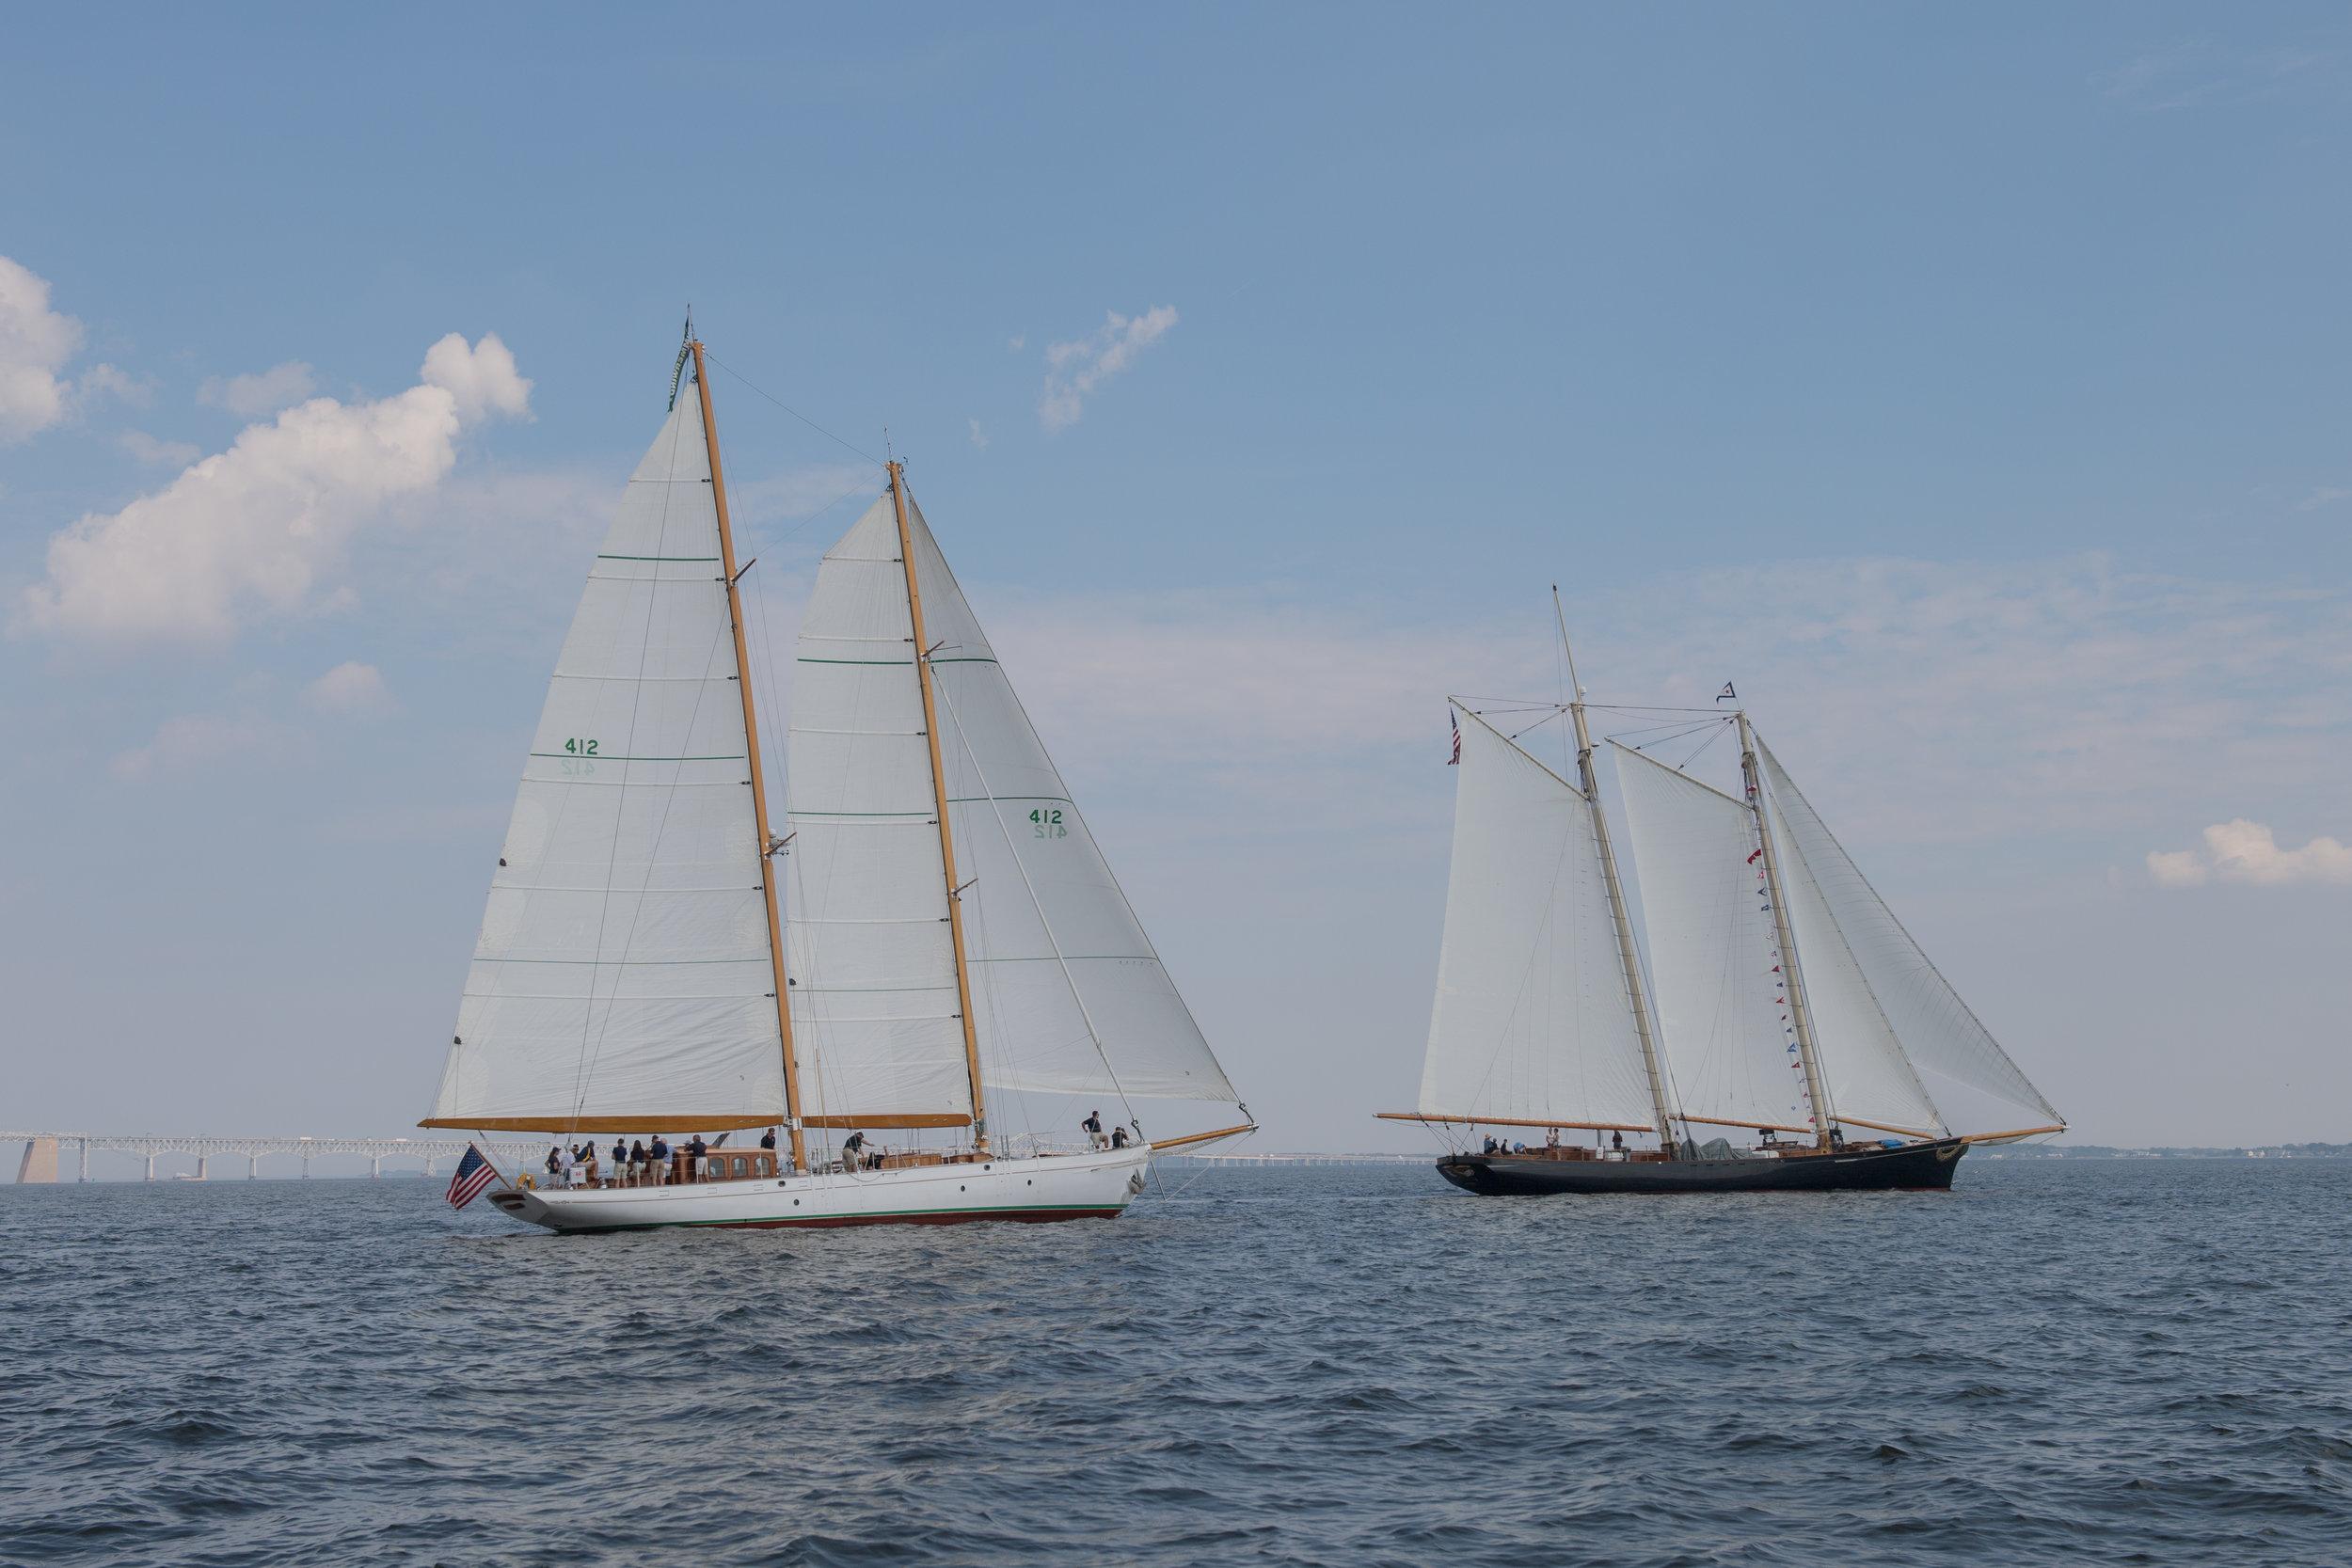 The 1929 John G Alden schooner Summerwind escorts the replica 1851 schooner America into Annapolis harbor.